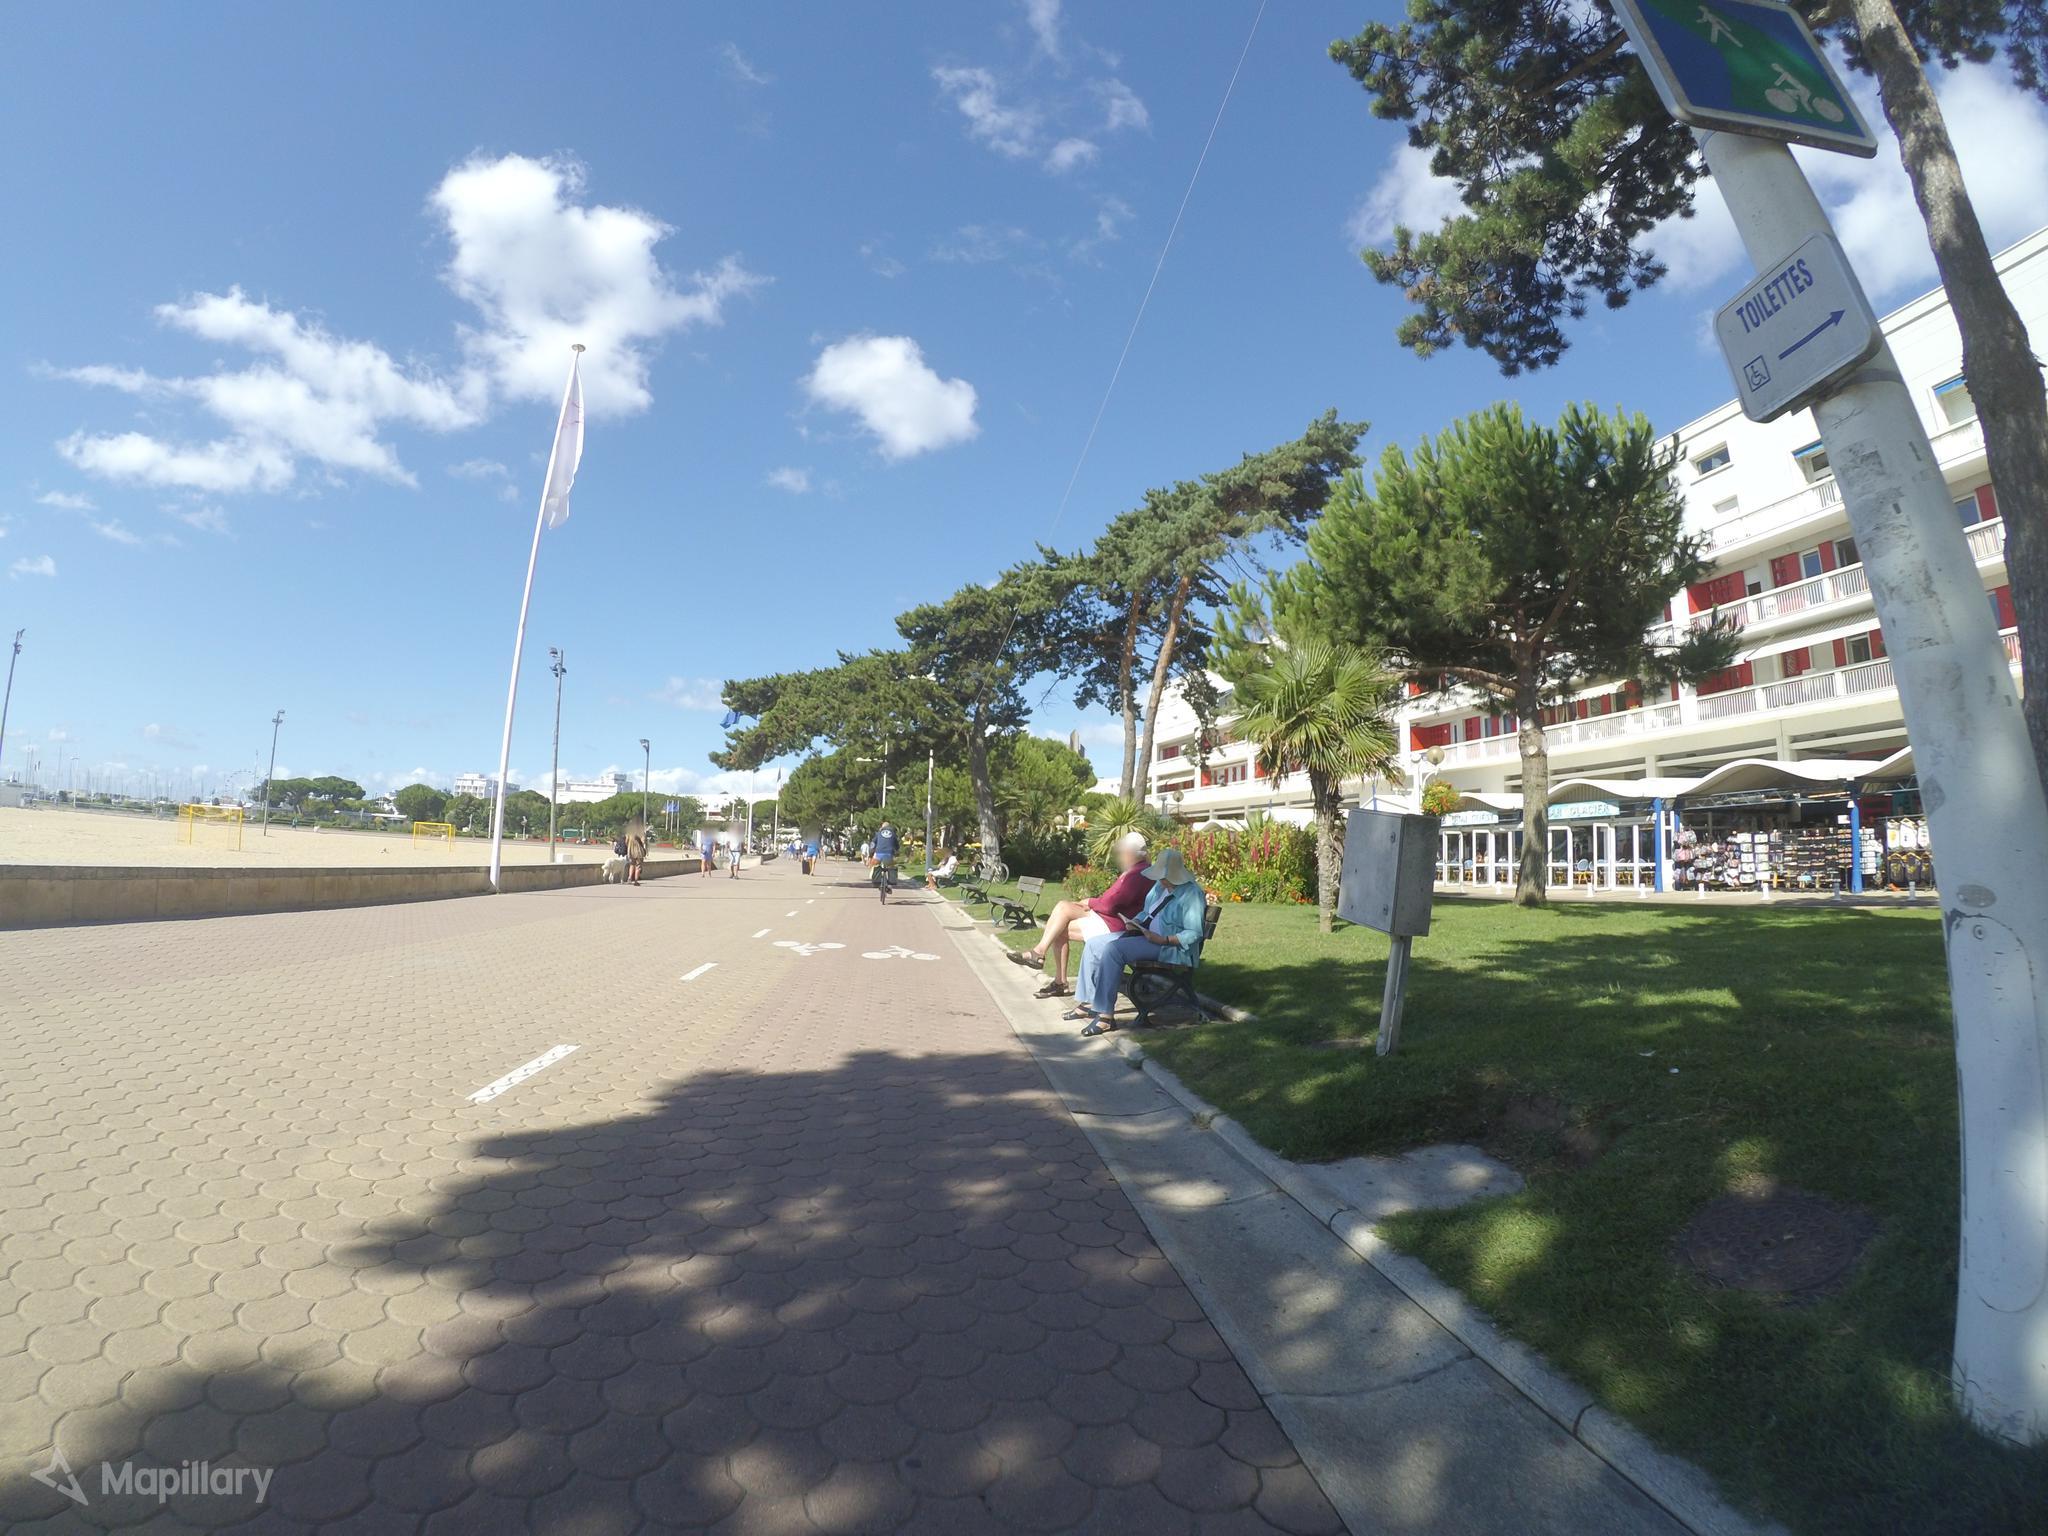 Pistes cyclables à Royan, très conflictuelles…